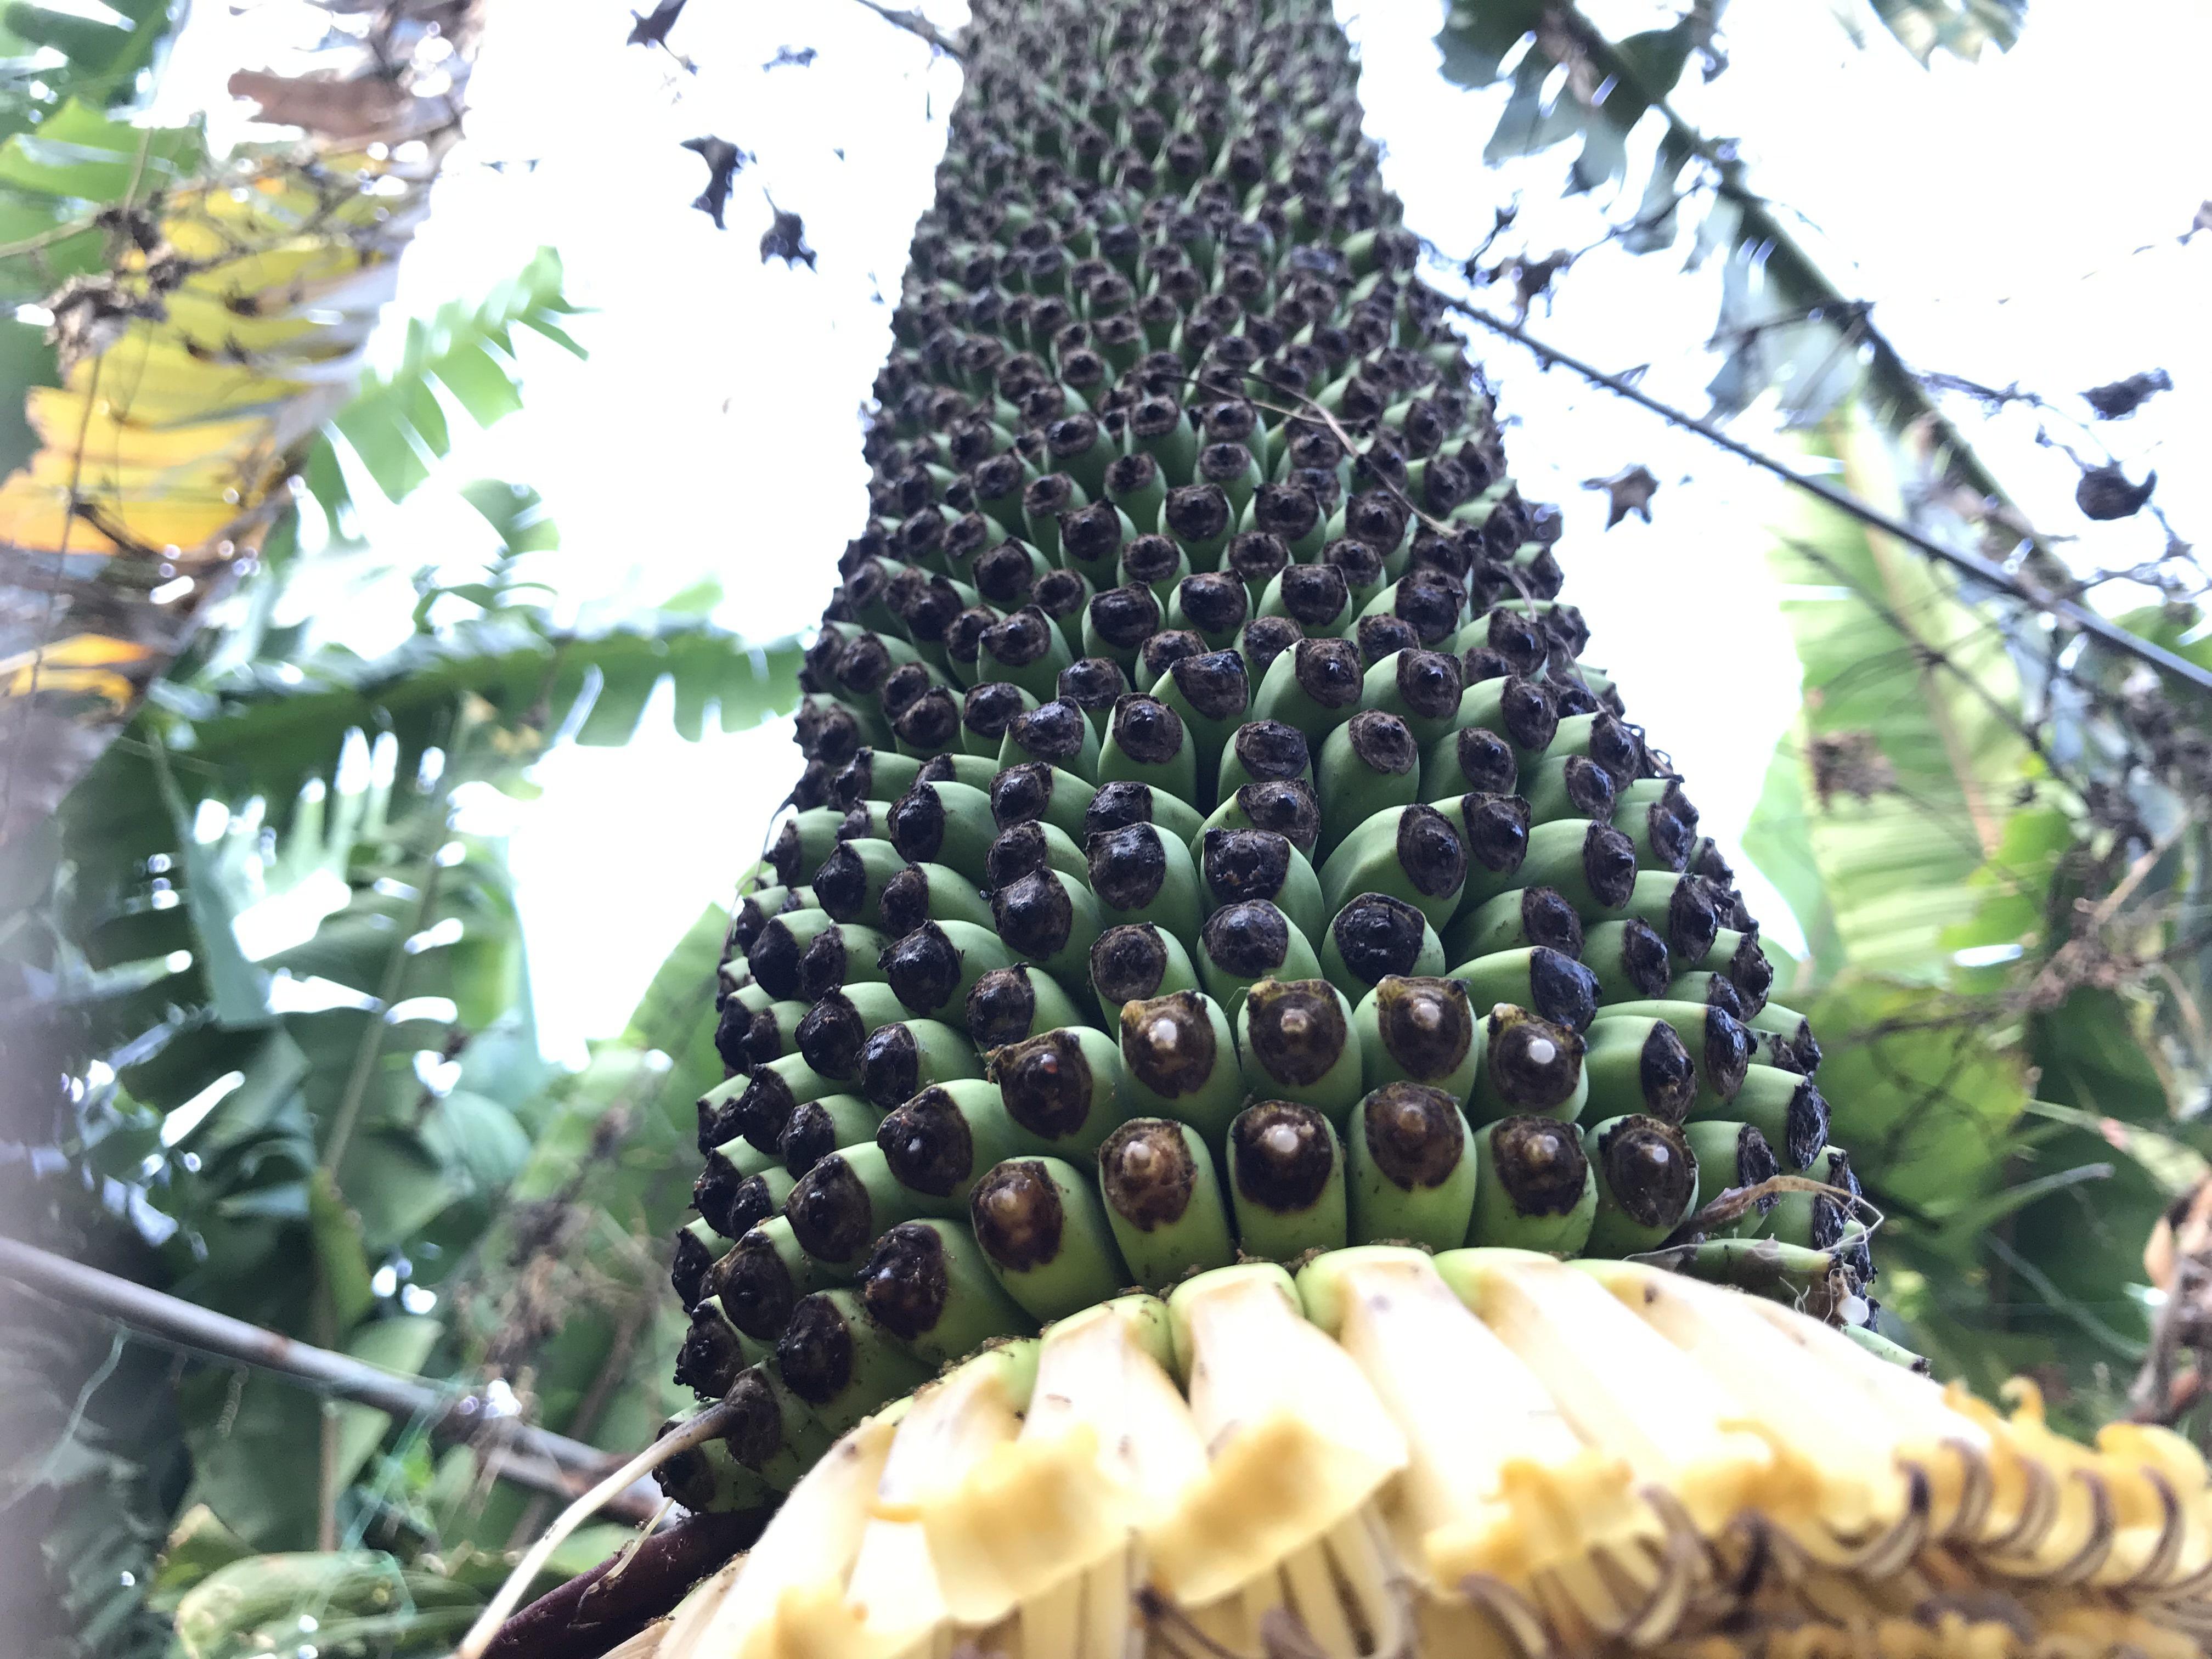 Độc đáo buồng chuối hàng trăm nải, dài 2,5 m - 7